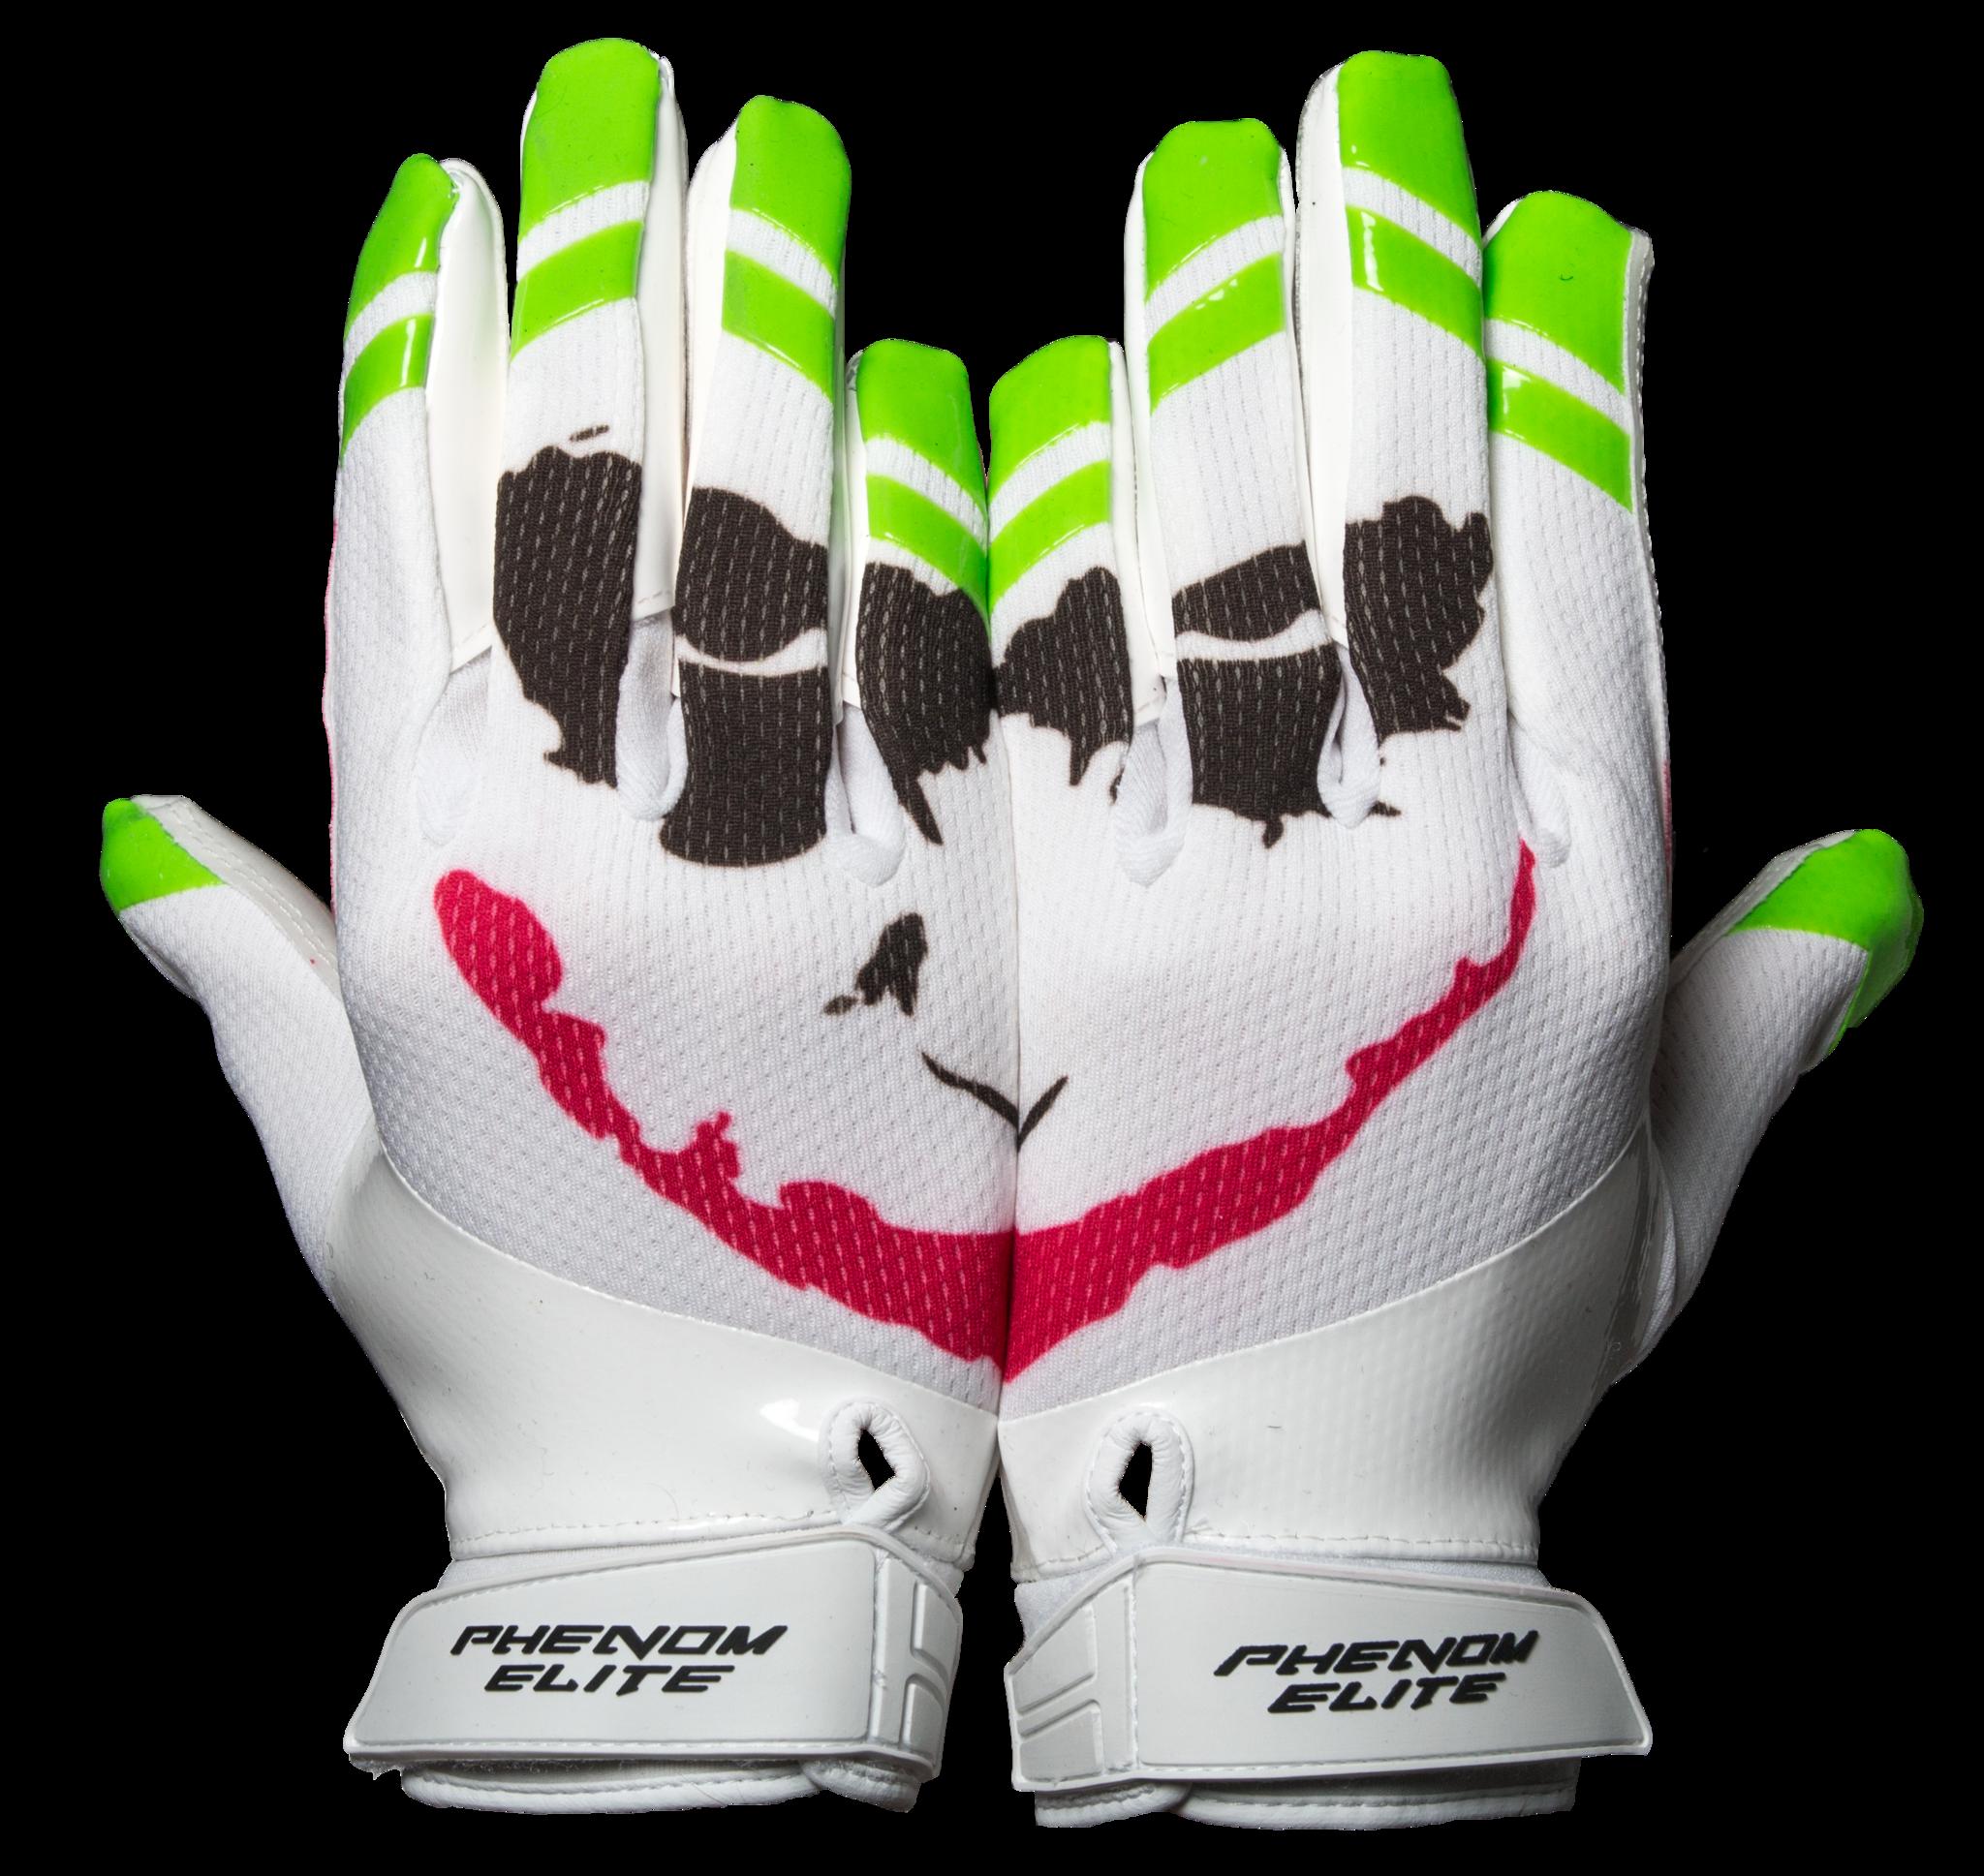 Vps3 Joker Football Gloves Phenom Elite Brand American Football American Football Golf Tips Alabama Foo In 2020 Football Gloves Custom Football Gloves Football Swag